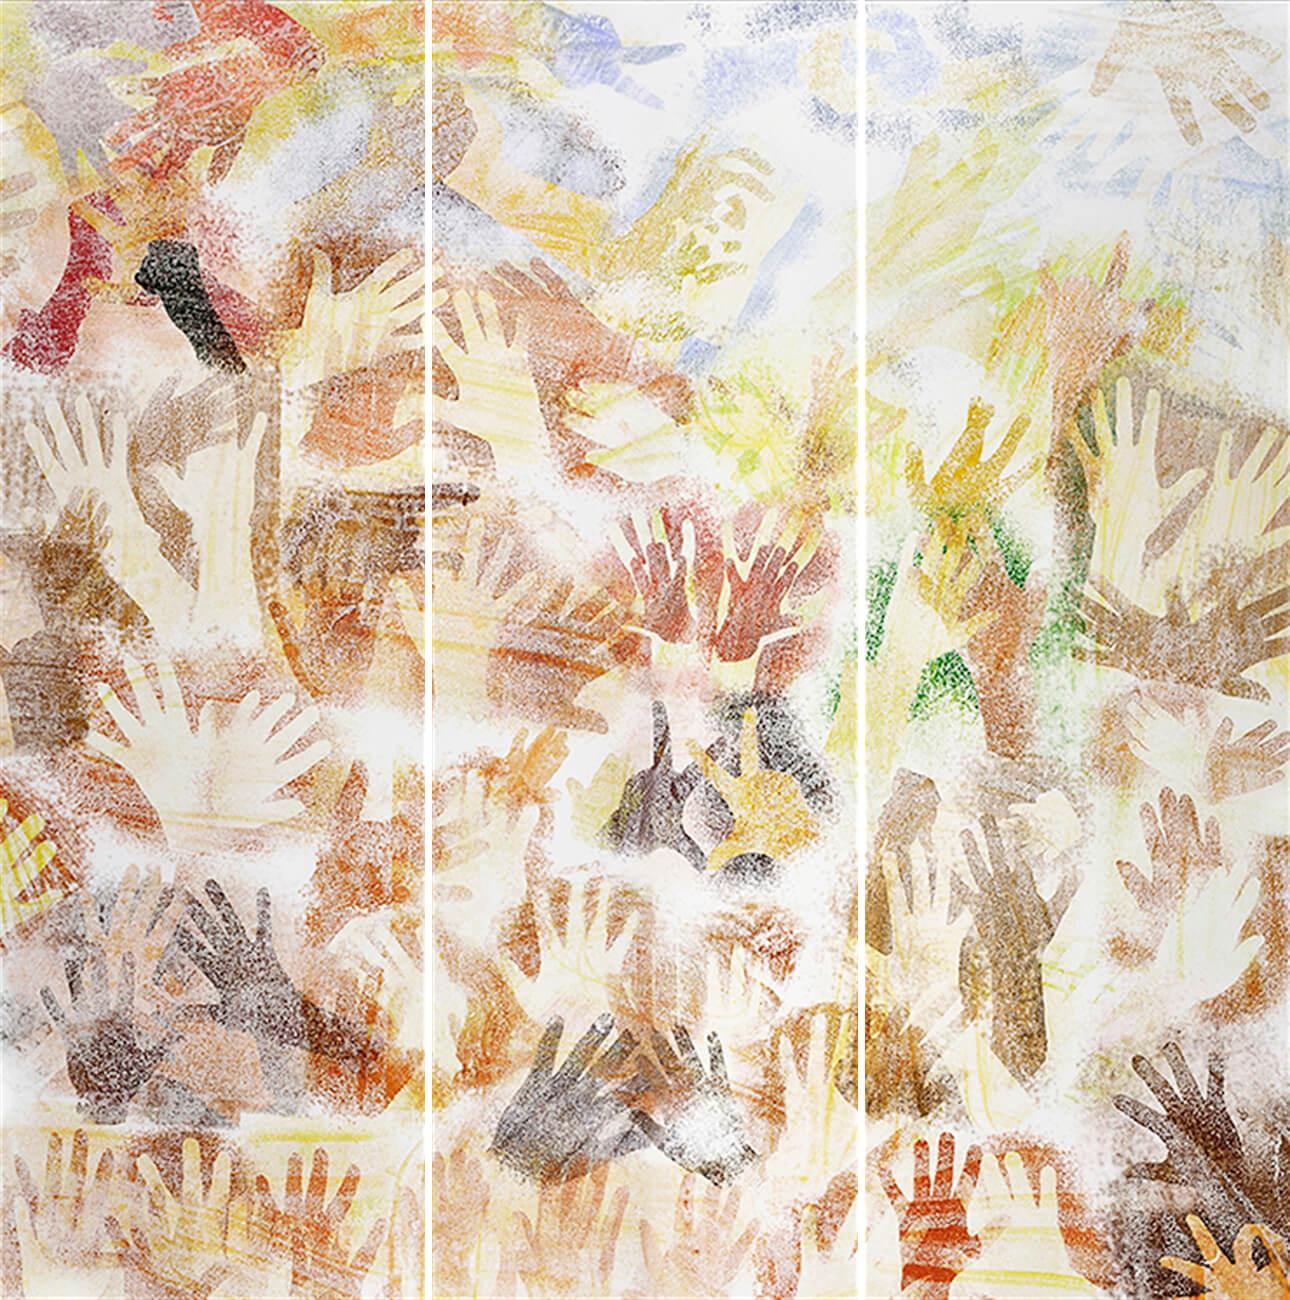 Print Design_Sensitive Hands-Triptychon 06